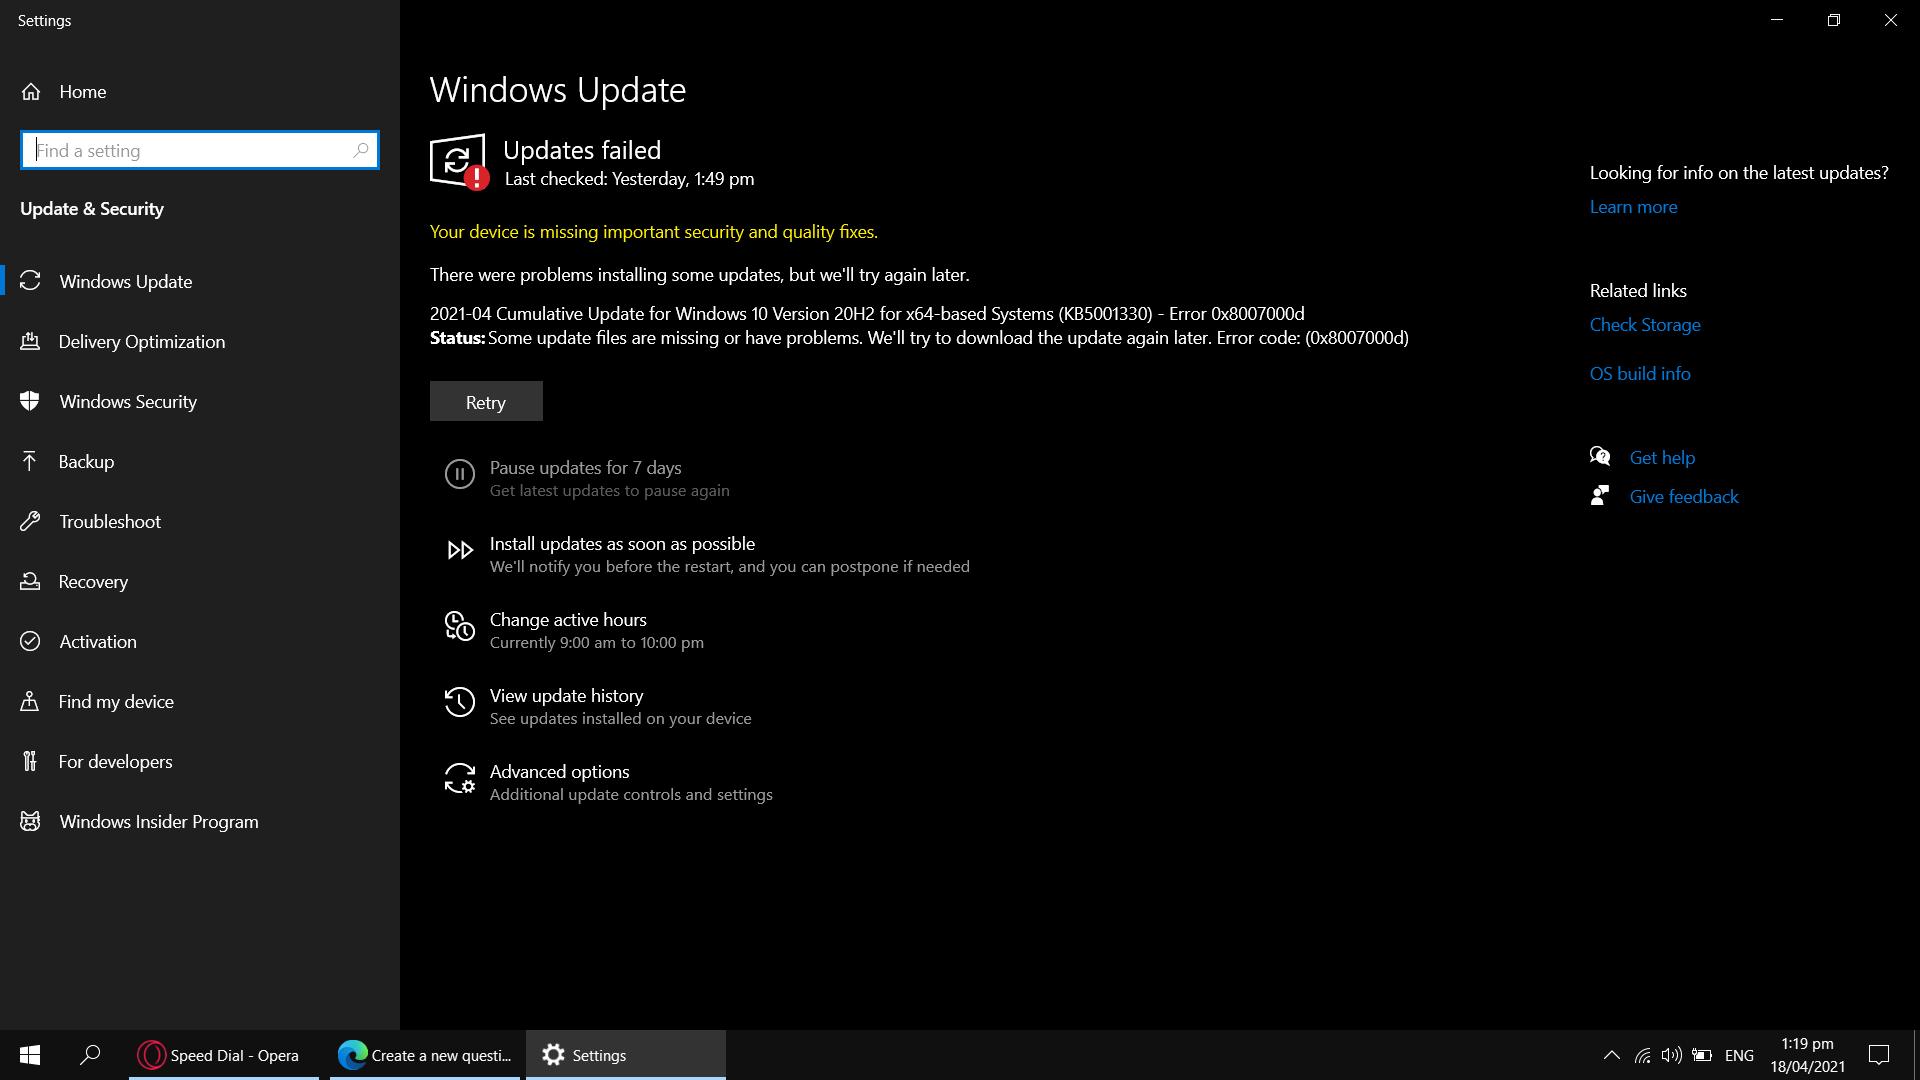 Windows 10 Update Error da153c71-9437-48cb-b42c-8b2e63c2afbc?upload=true.png